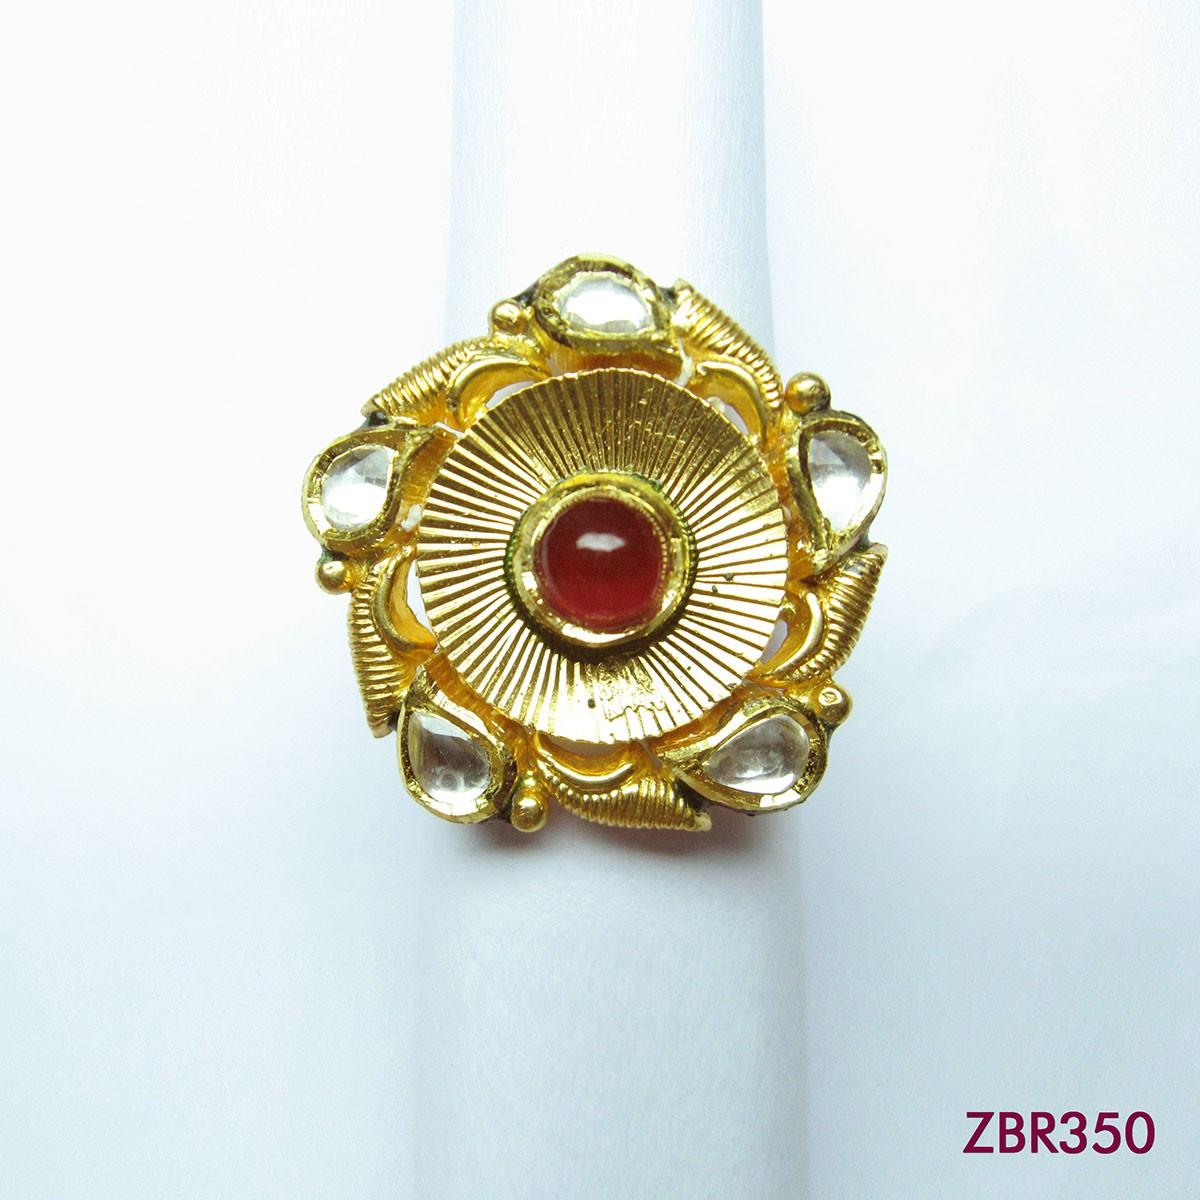 ZBR350